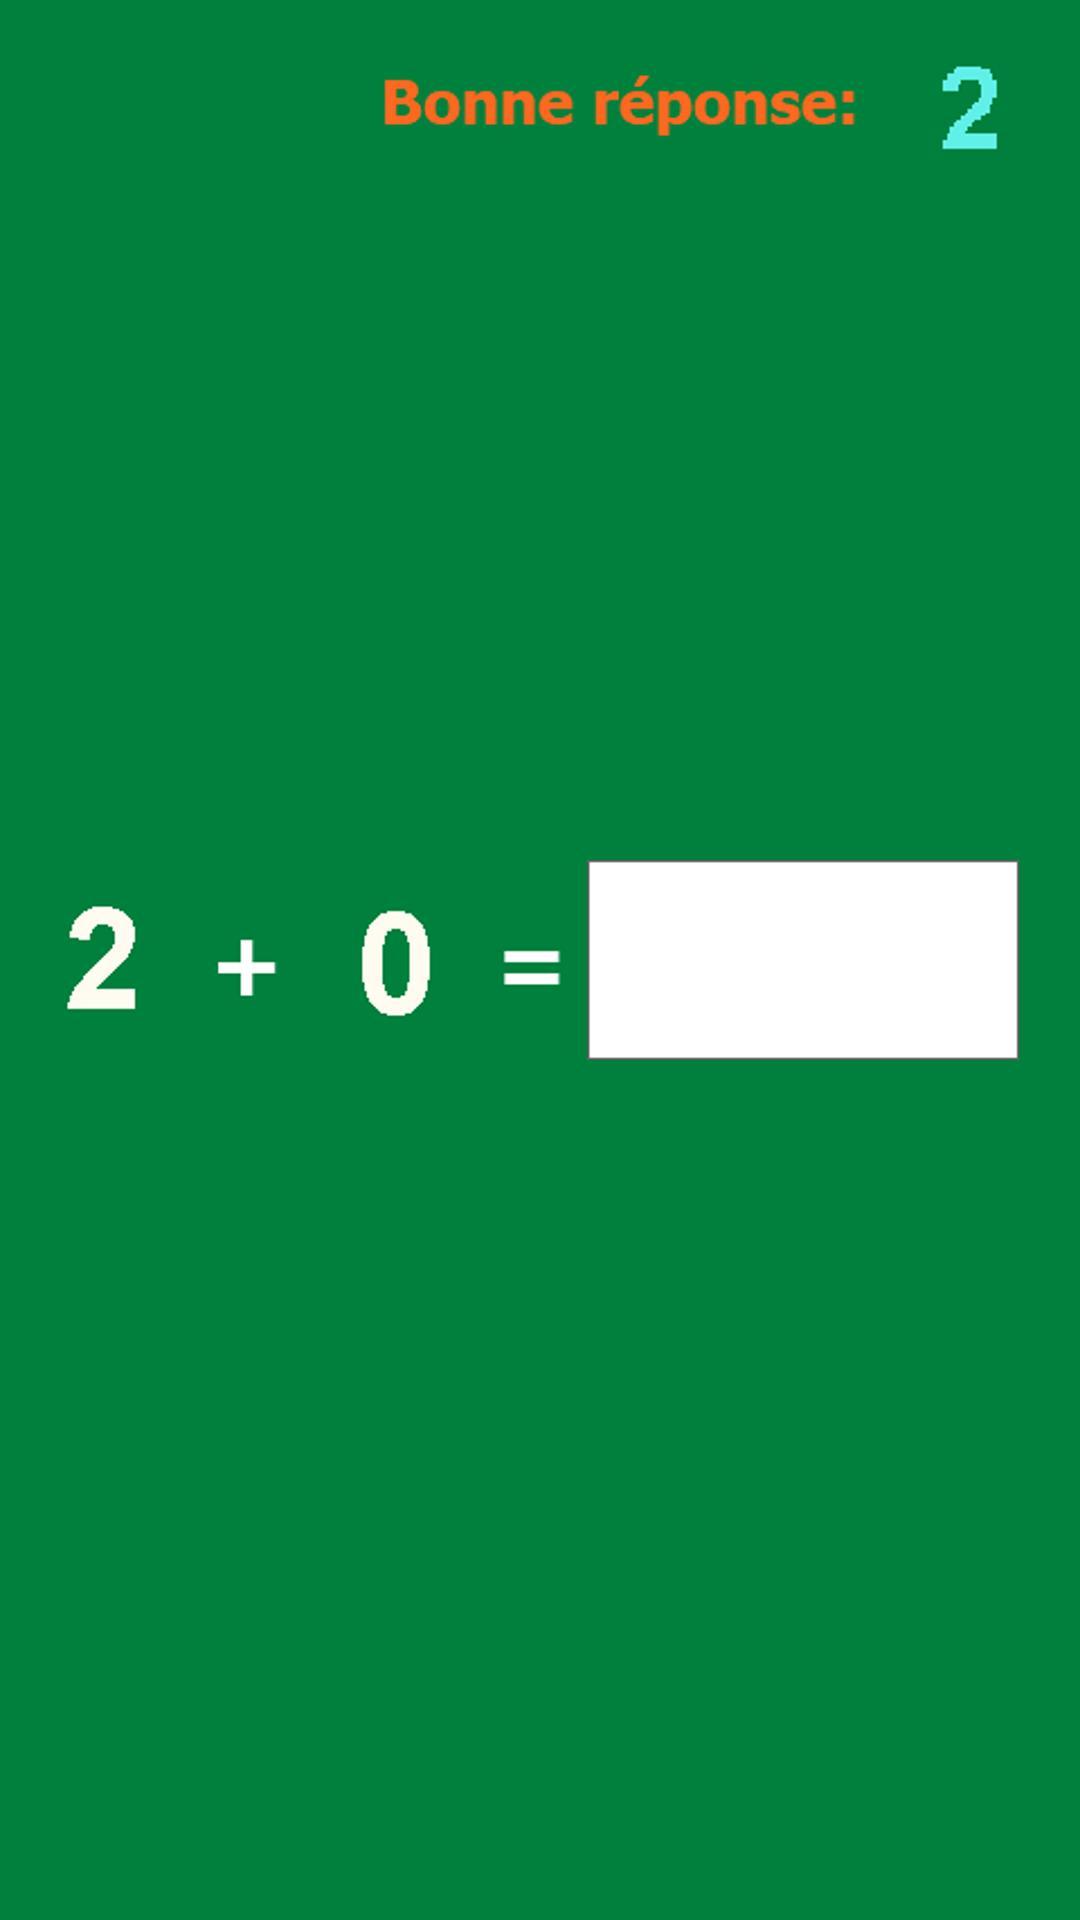 Table de mathématique 10 for Android - APK Download